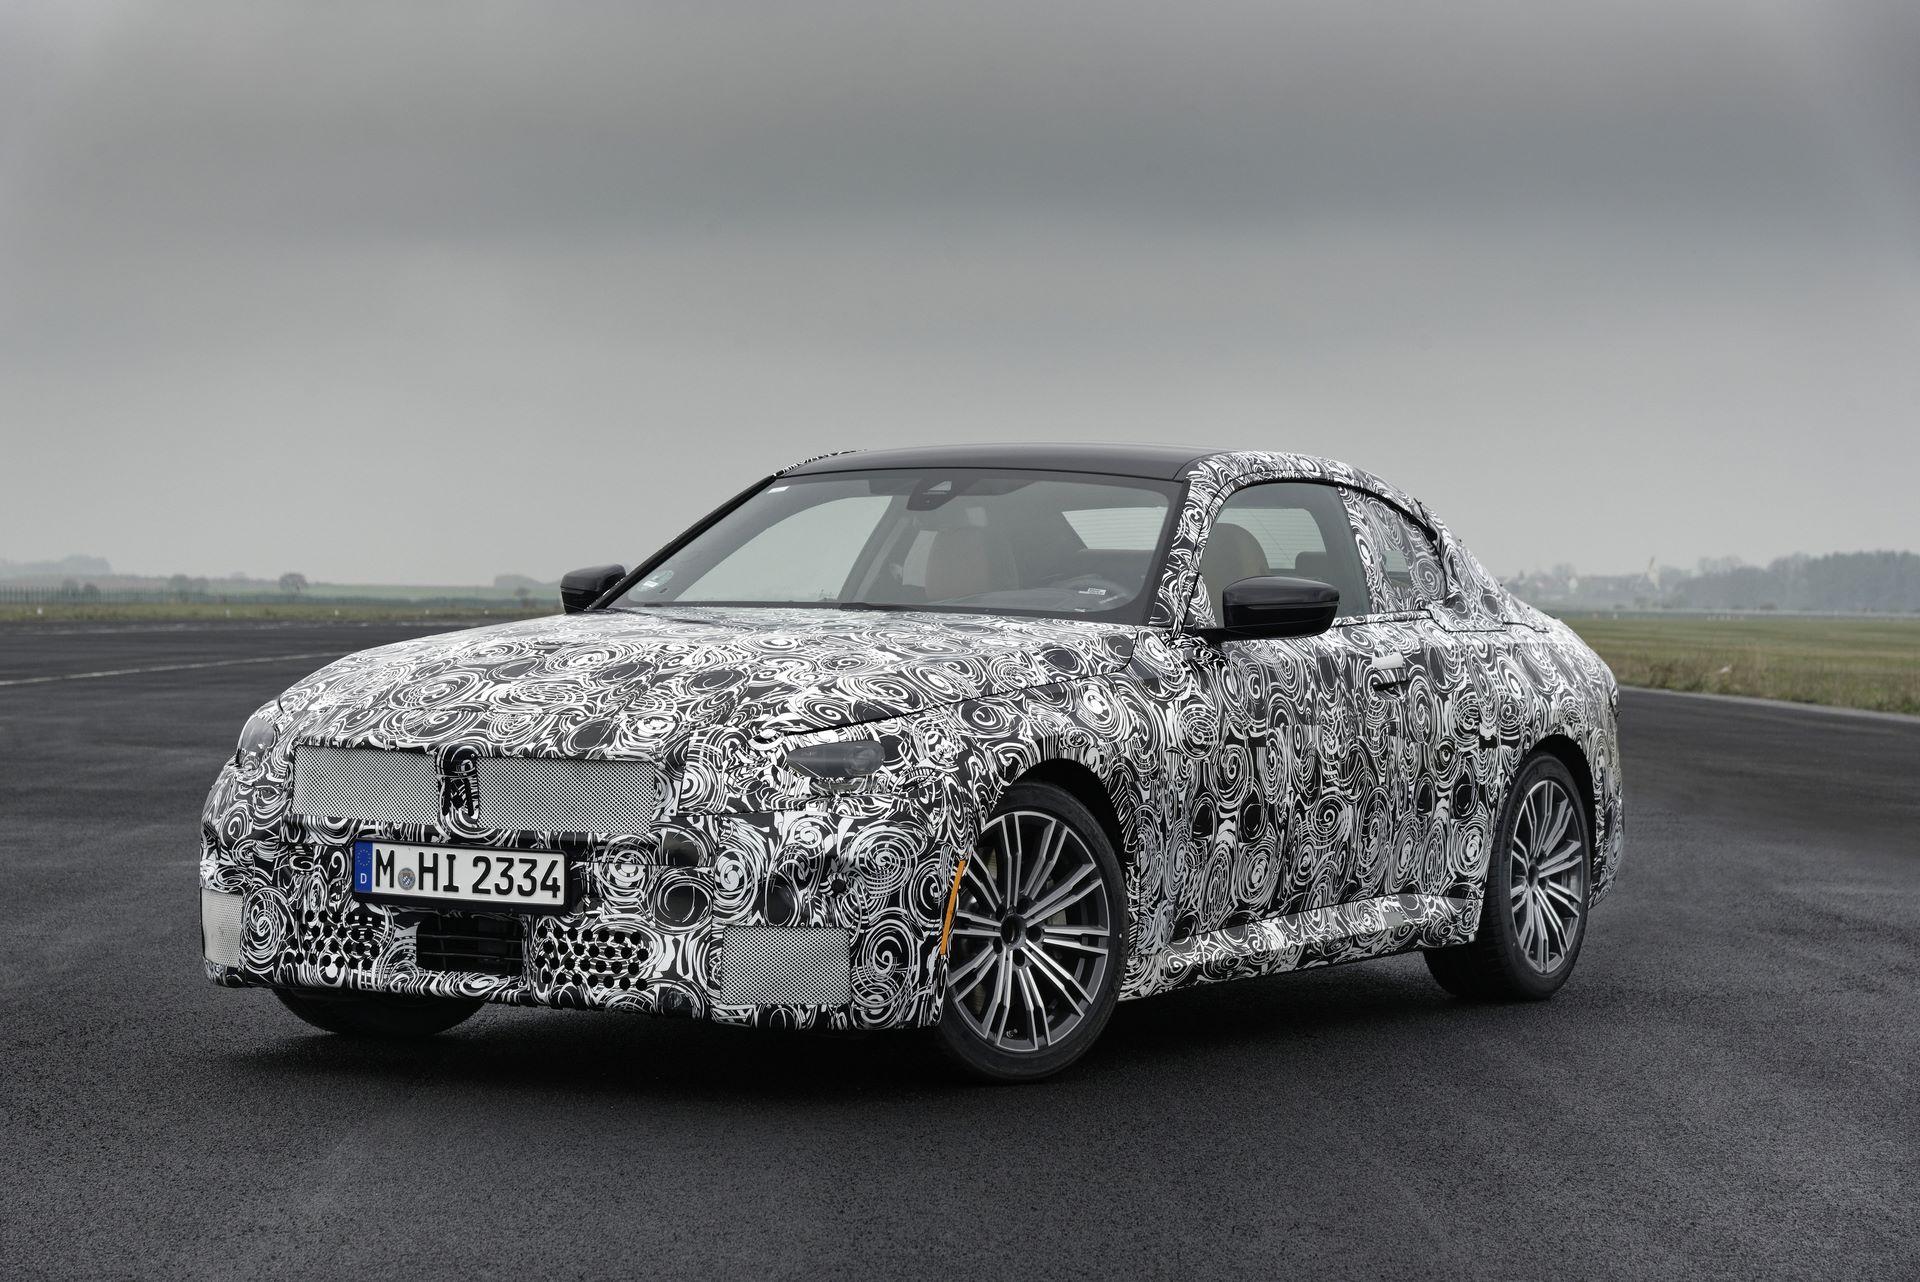 BMW-2-Series-M240i-spy-photos-45